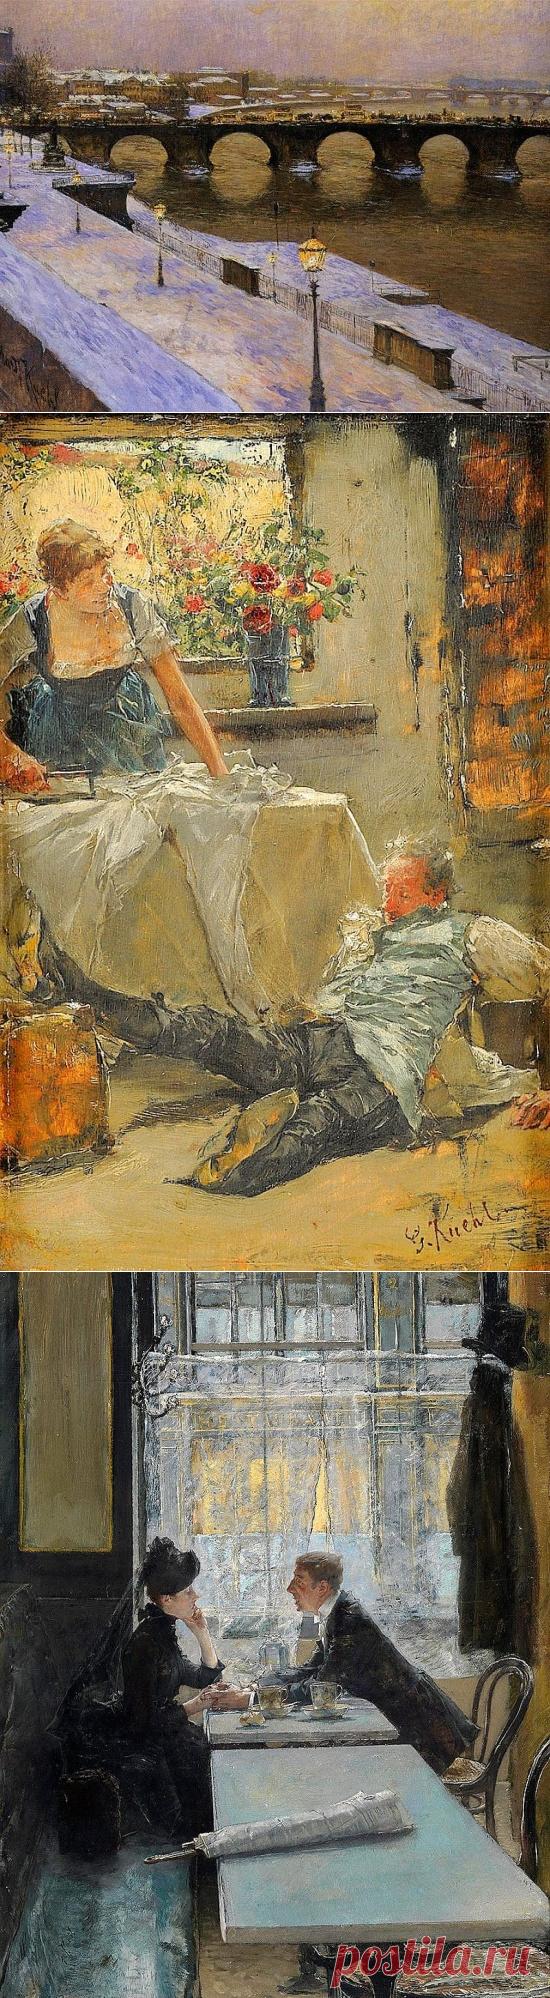 Художник Готхард Кюль (Gotthardt Kuehl). Картины